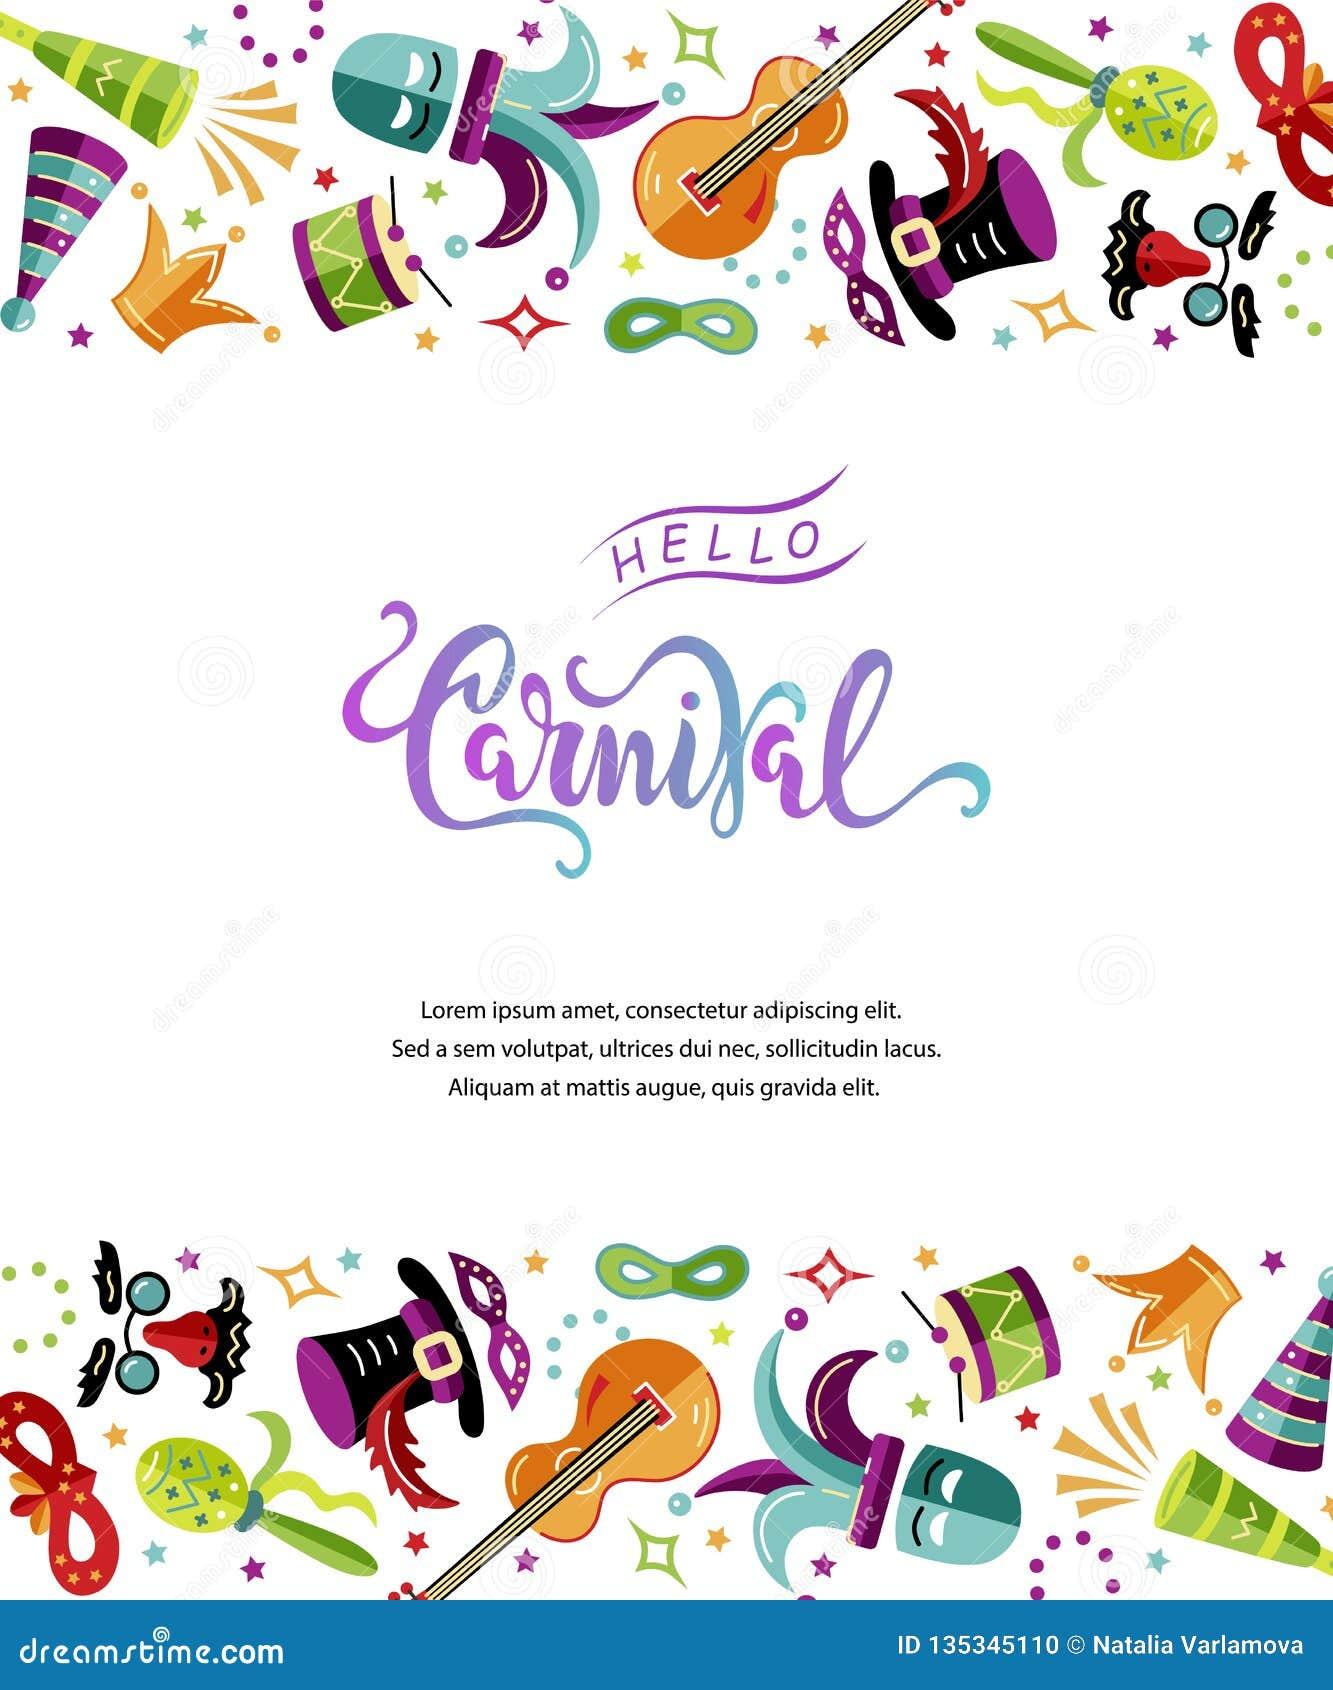 Vectorillustratie met Carnaval en feestvoorwerpen